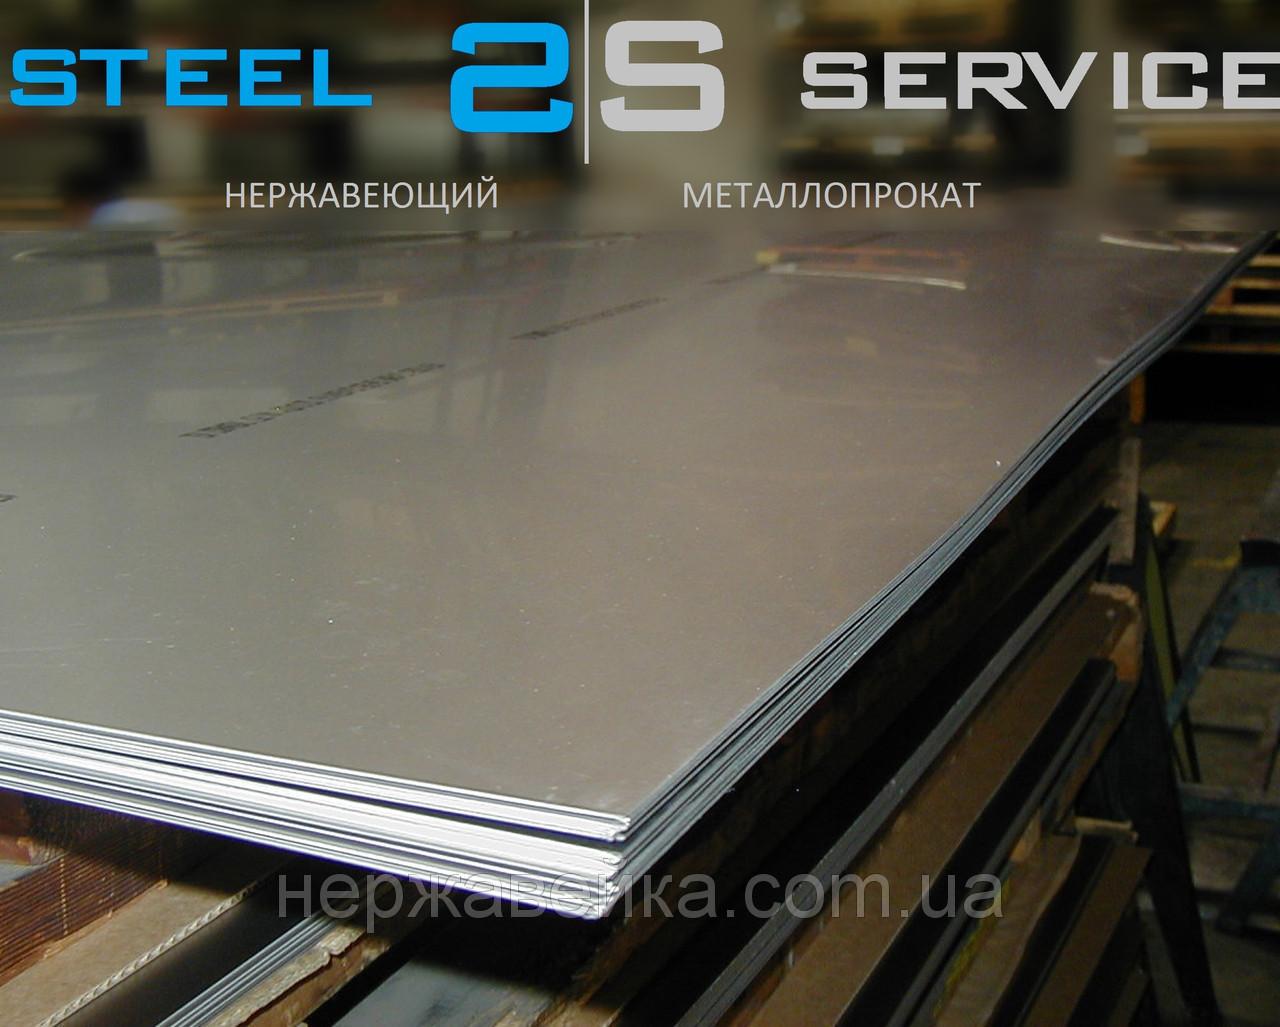 Нержавейка лист 25х1000х2000мм  AISI 321(08Х18Н10Т) F1 - горячекатанный,  пищевой